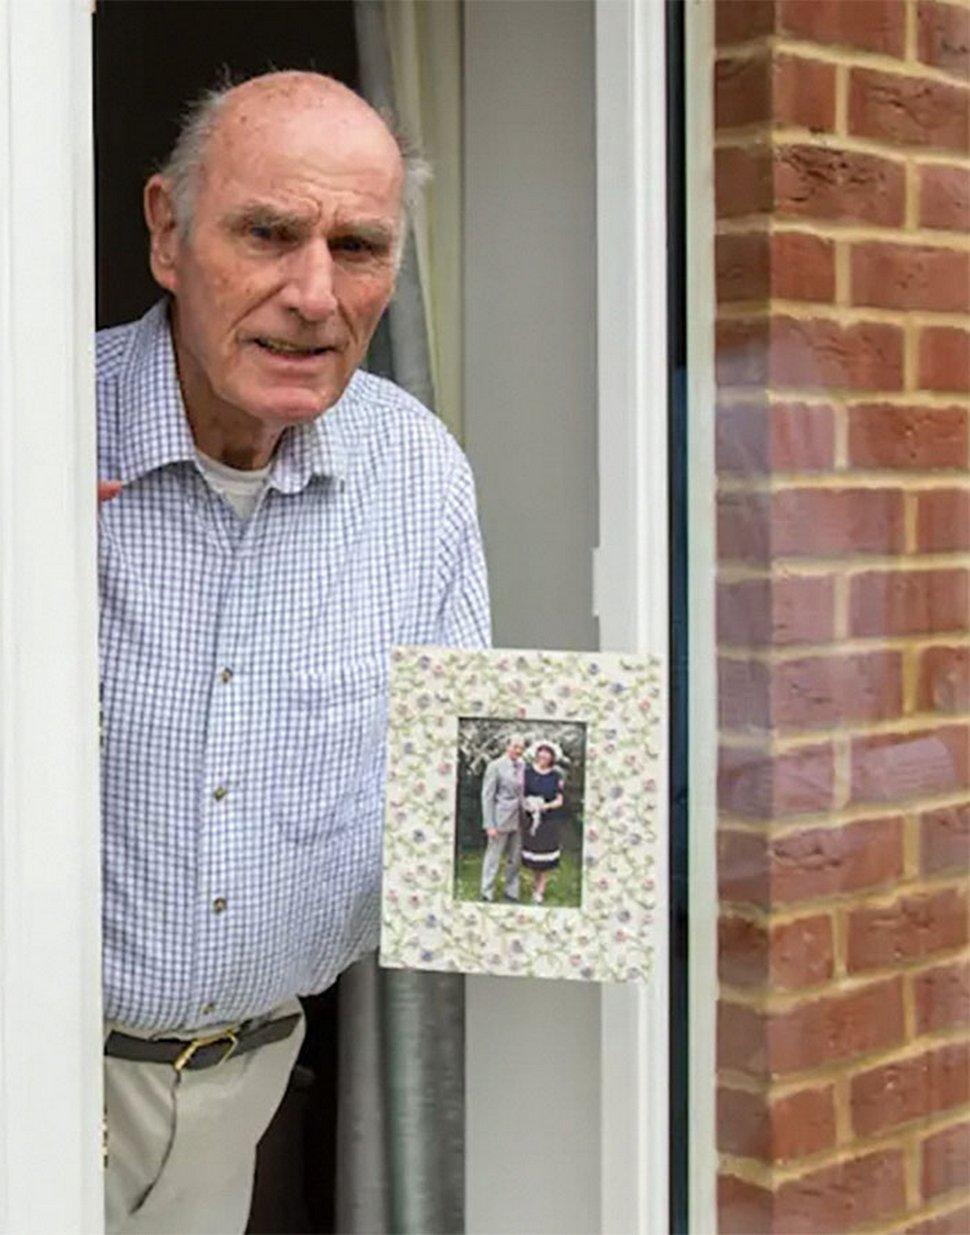 Un homme de 75 ans pose une affiche dans sa fenêtre pour tenter de se faire des amis après le décès de sa femme